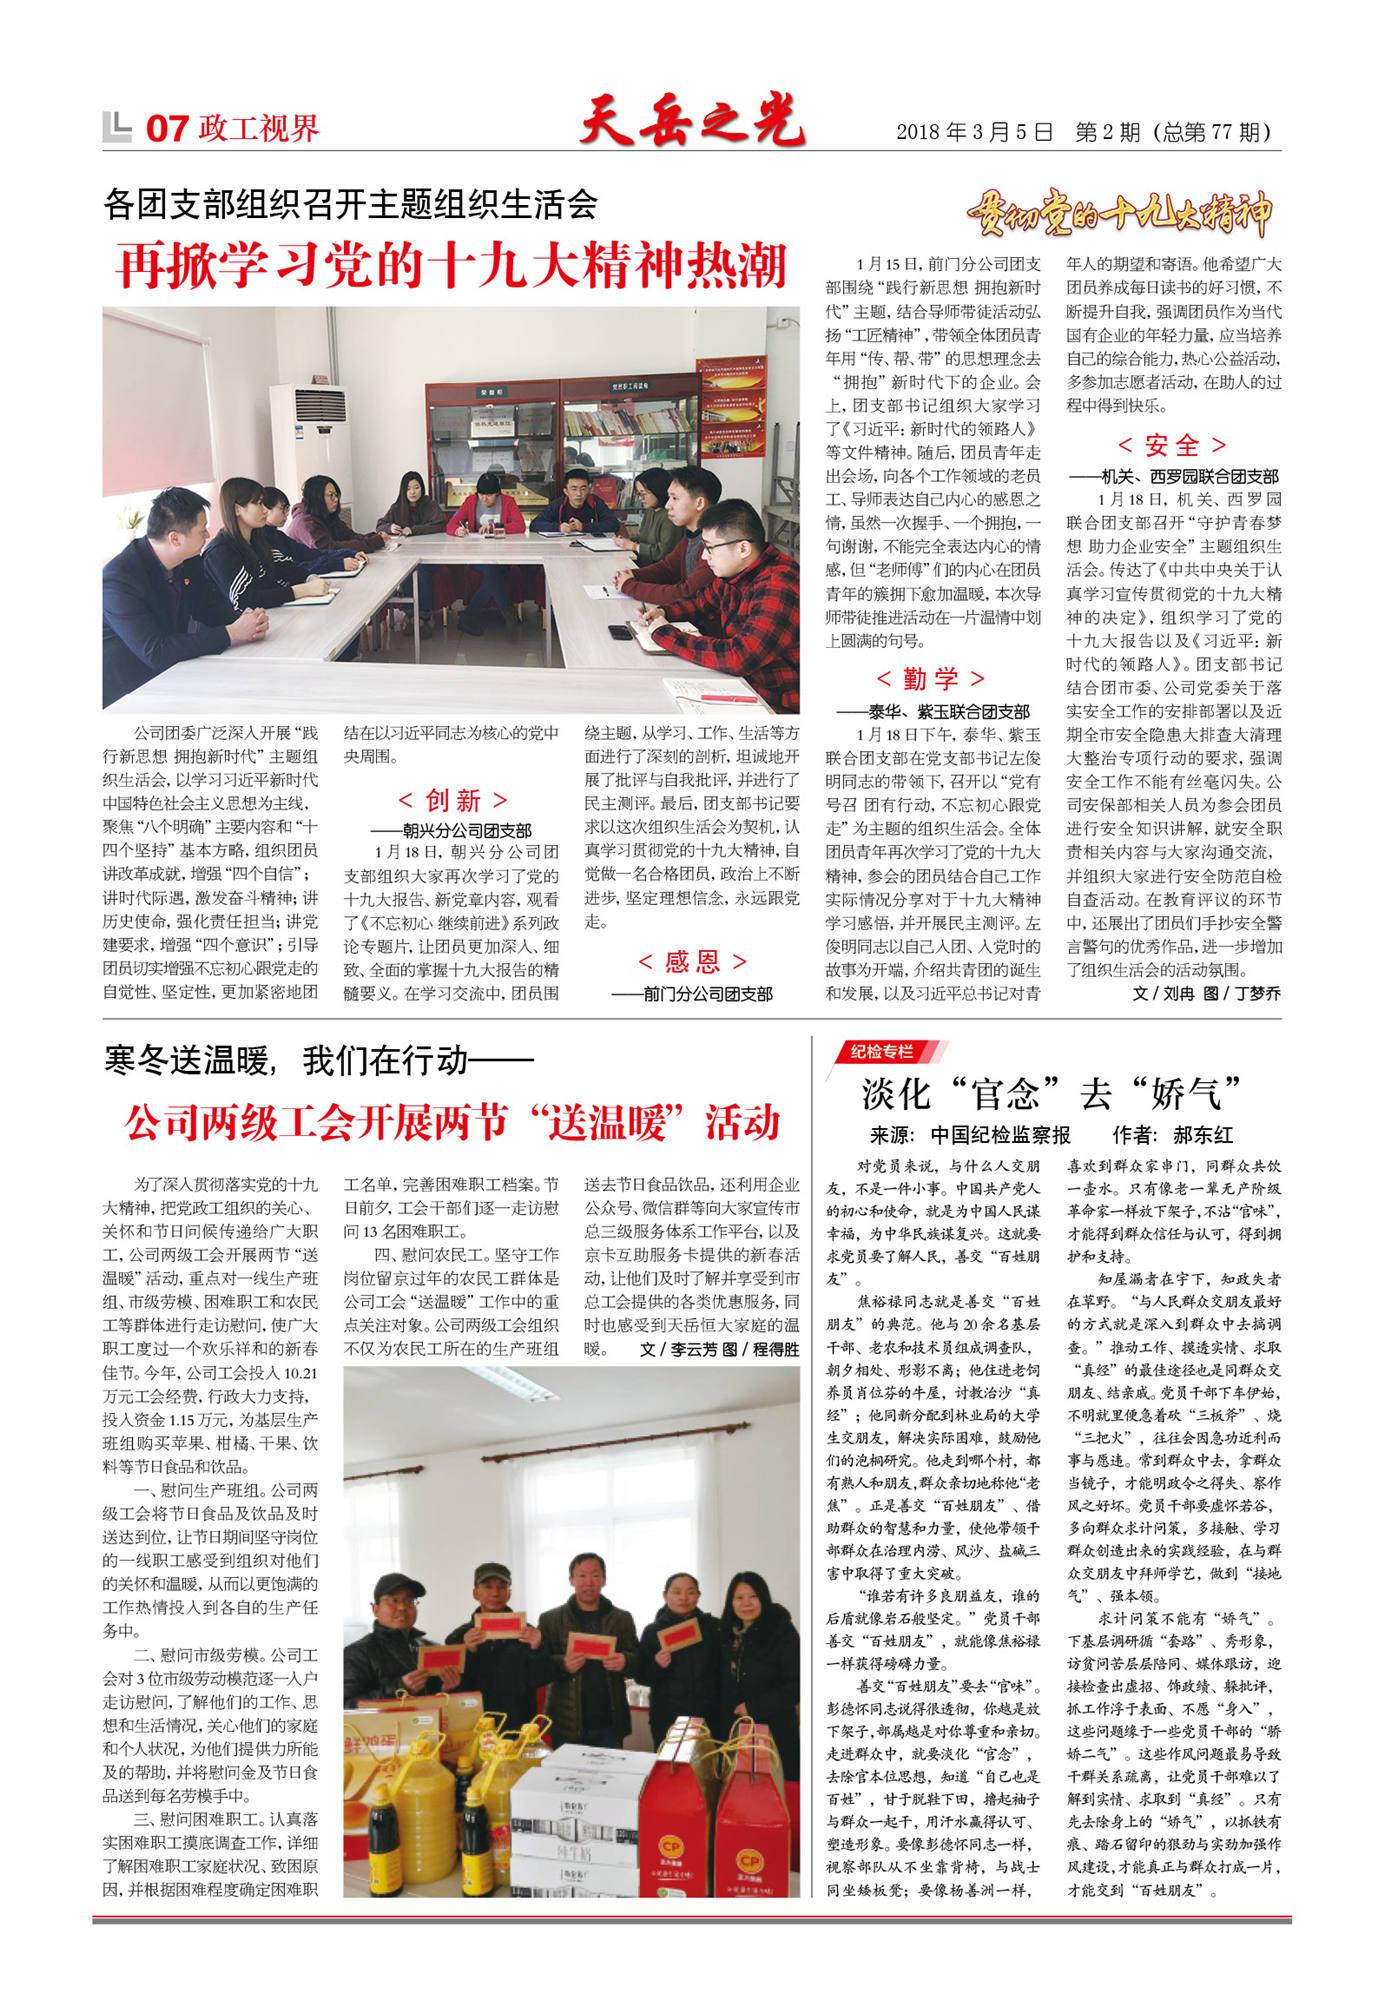 2-大赢家棋牌官网2月报纸最终7